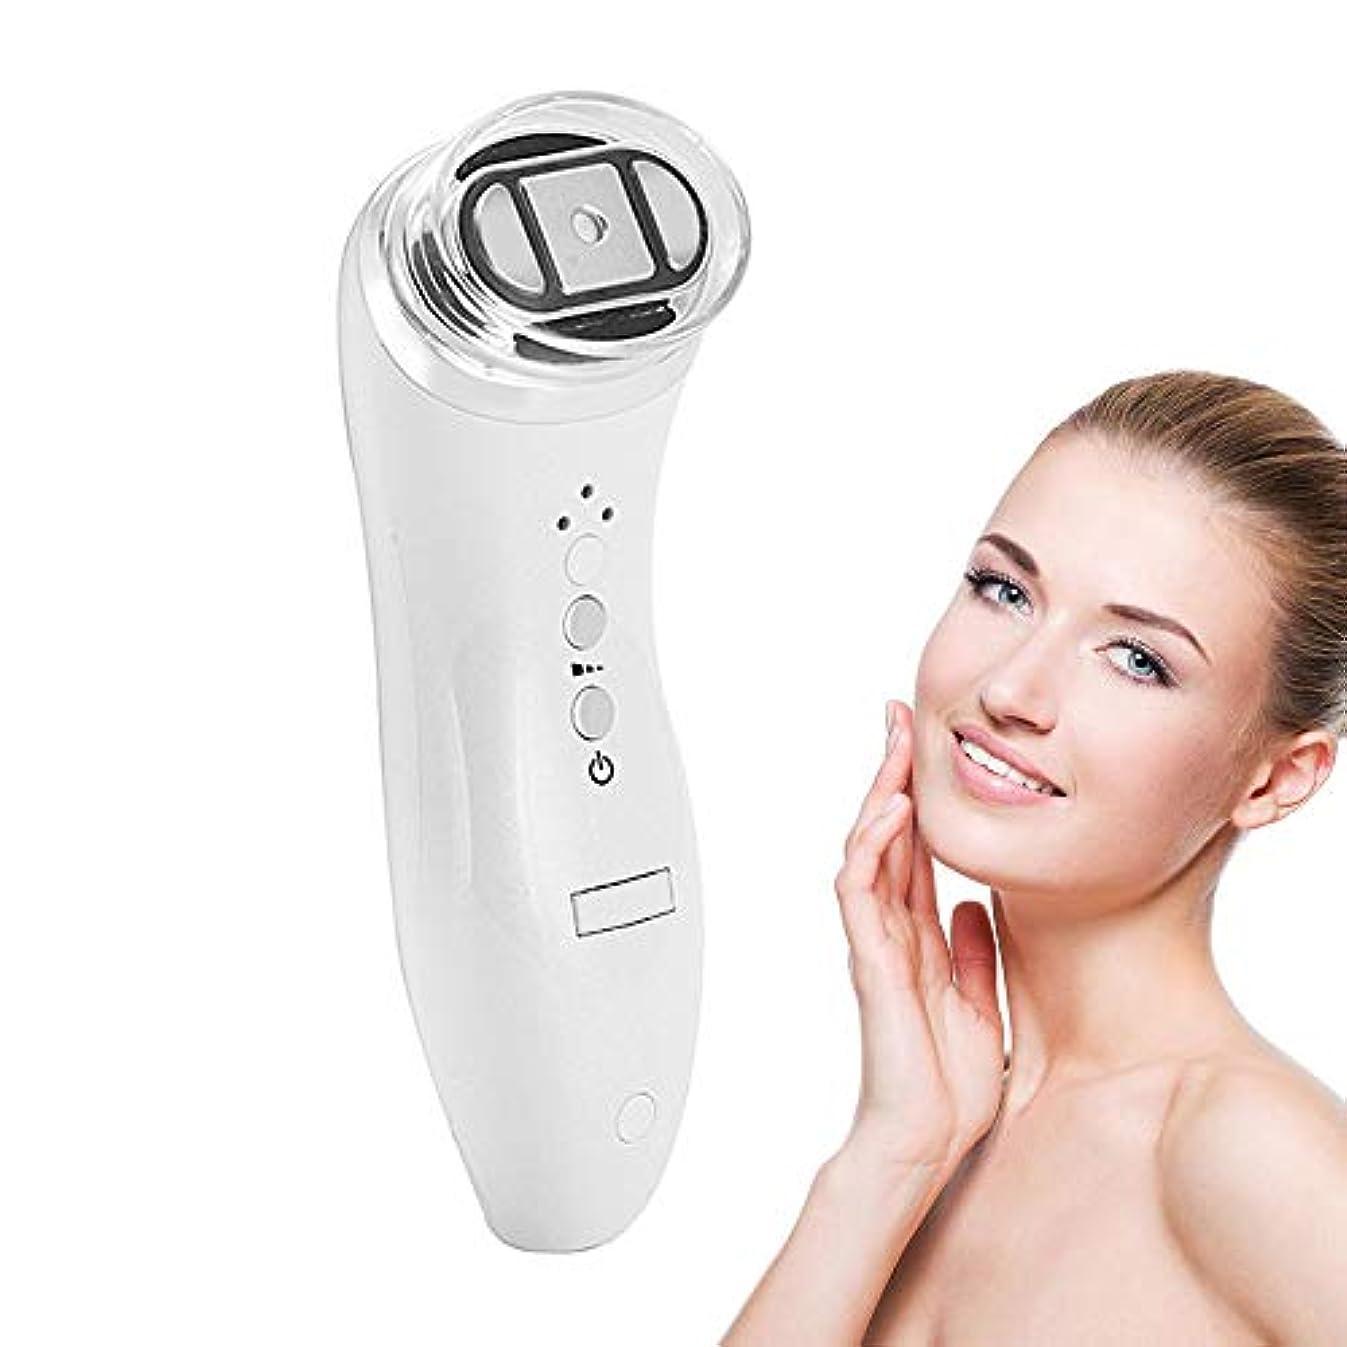 顕現頭蓋骨結婚式アップグレード超音波両極RFの無線周波数の持ち上がる表面スキンケアのマッサージャー、皮の若返りの美装置をきつく締める小型手持ち型の反しわ